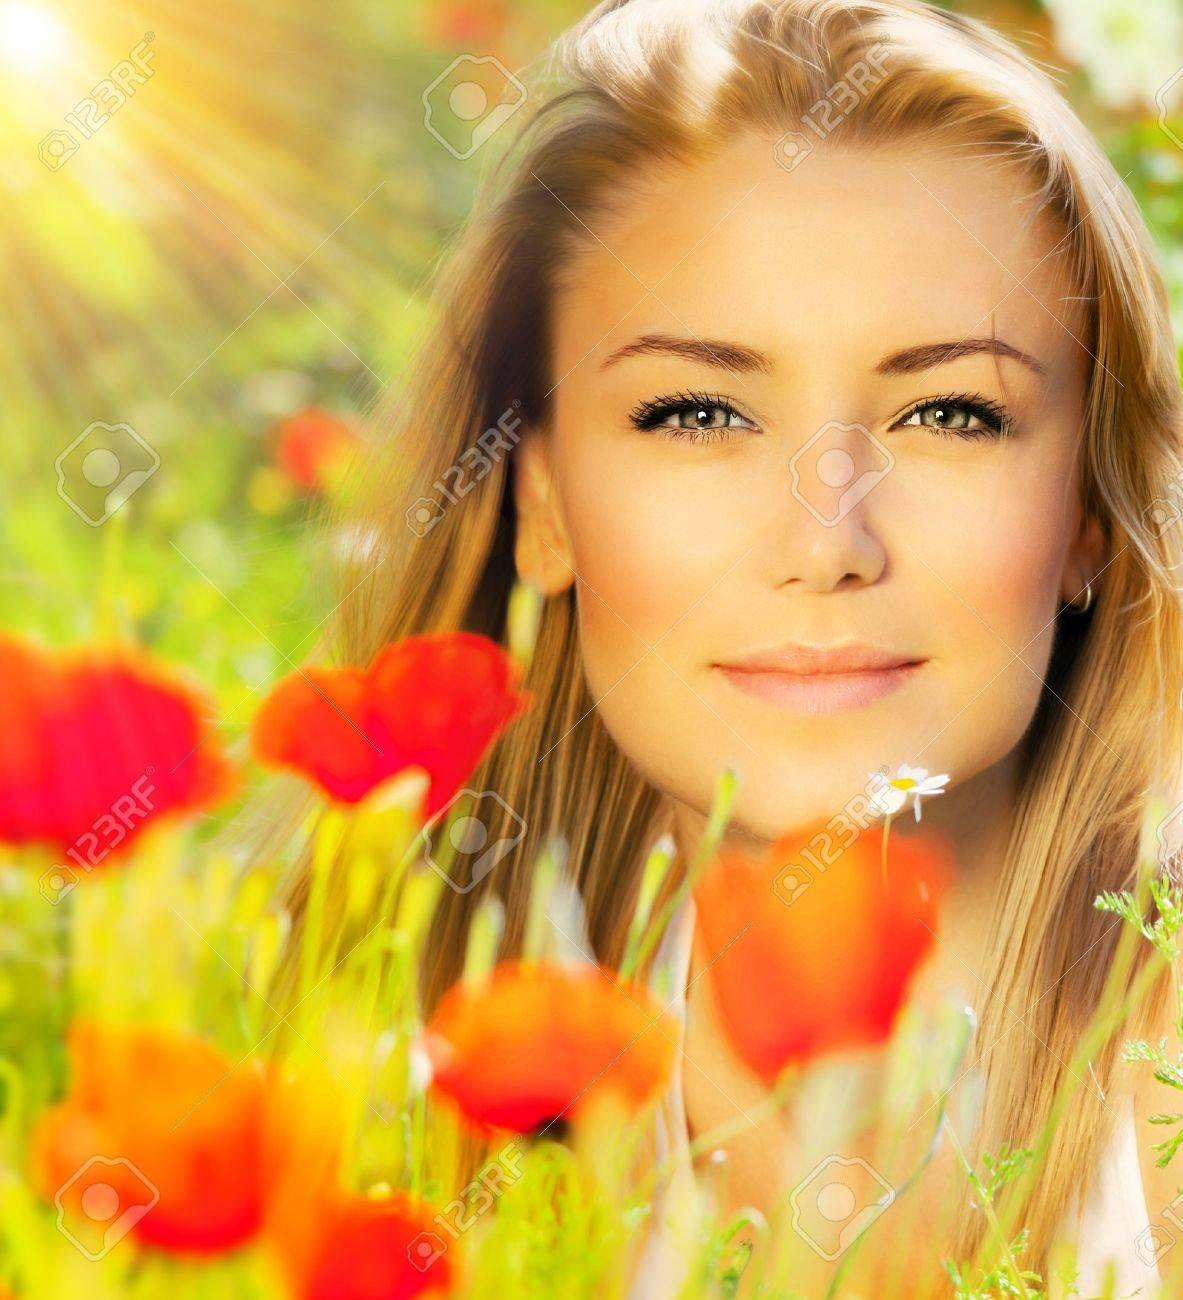 Фото красивого лица крупным планом 12 фотография